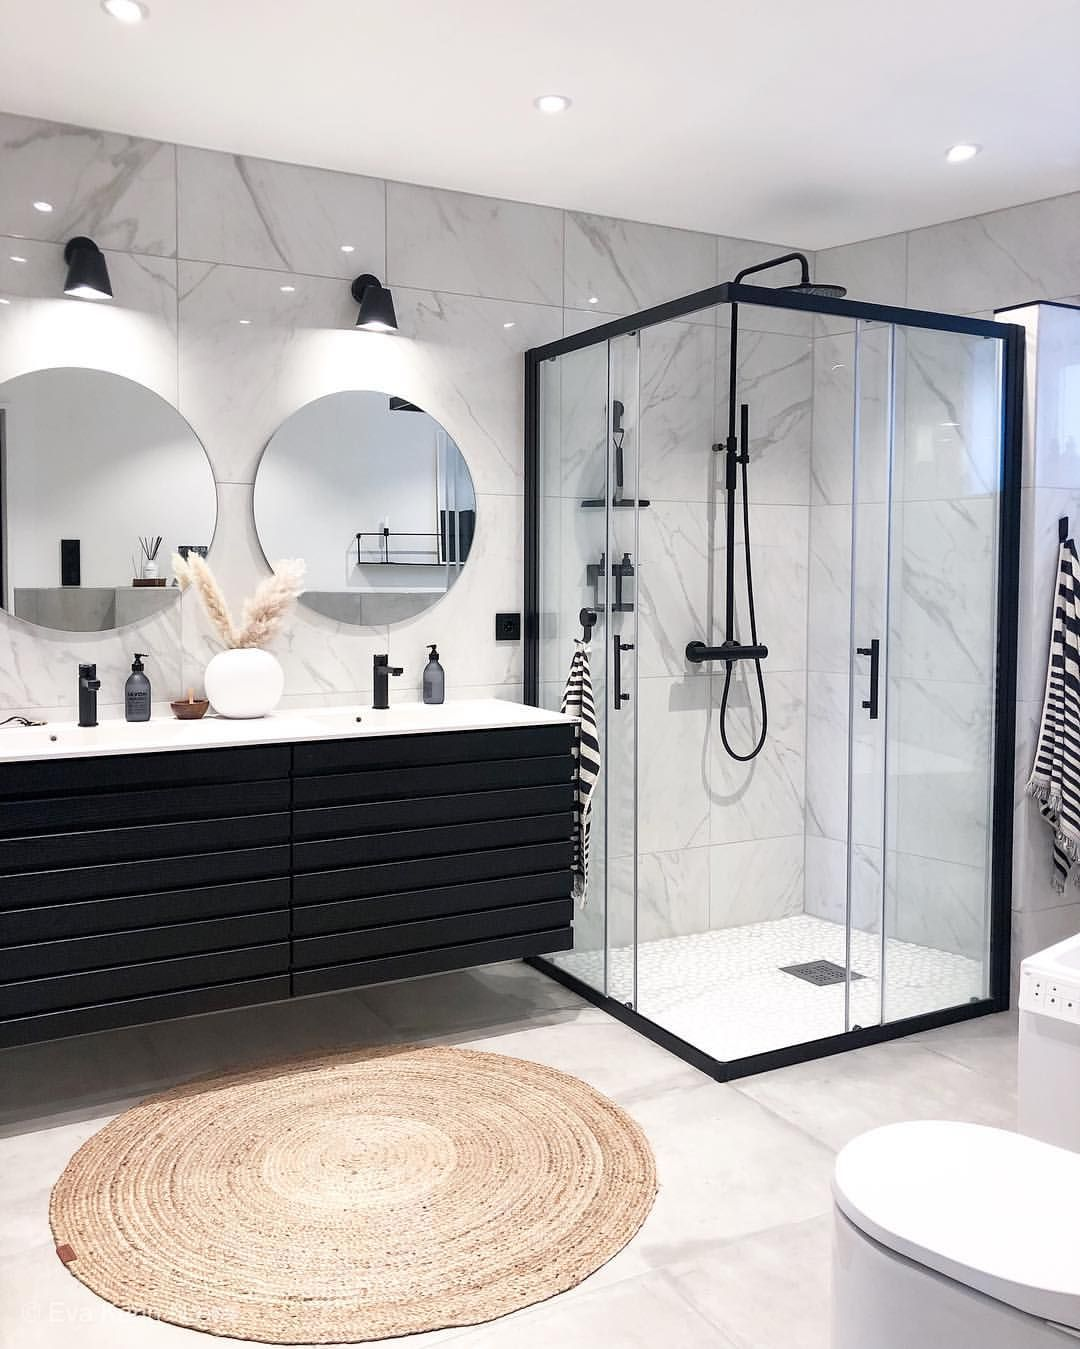 Da Har Murer Omsider Begynt A Klargjore Badet Oppe For Mikrosement Virkelig Spent Pa Result Modern Bathroom Remodel Bathroom Interior Design Home Decor Trends